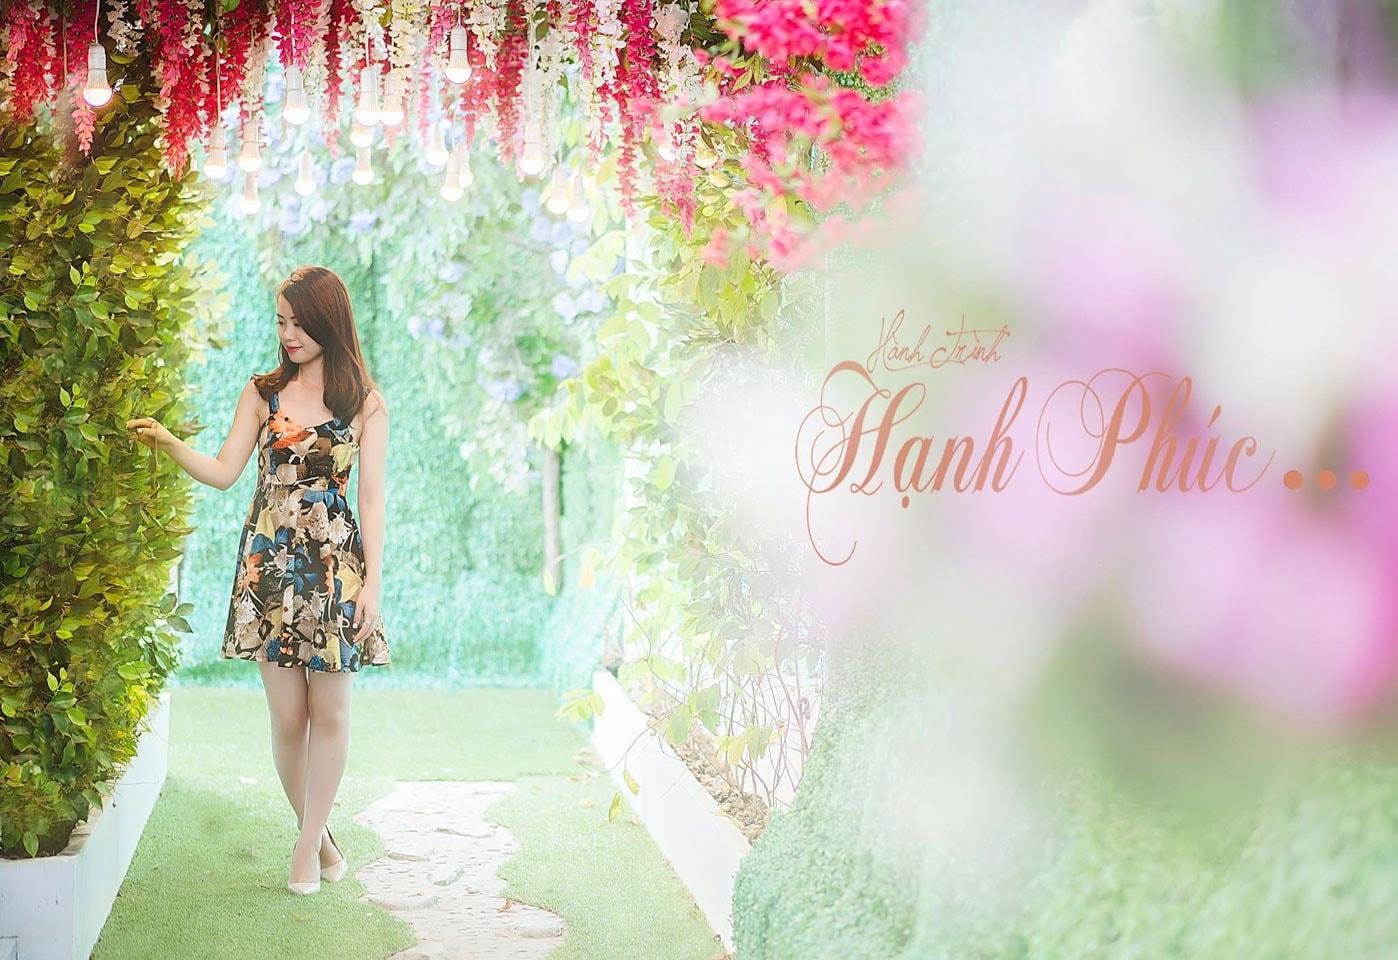 GOADESIGN Thiết Kế Phim Trường Amor Đồng Nai (40)